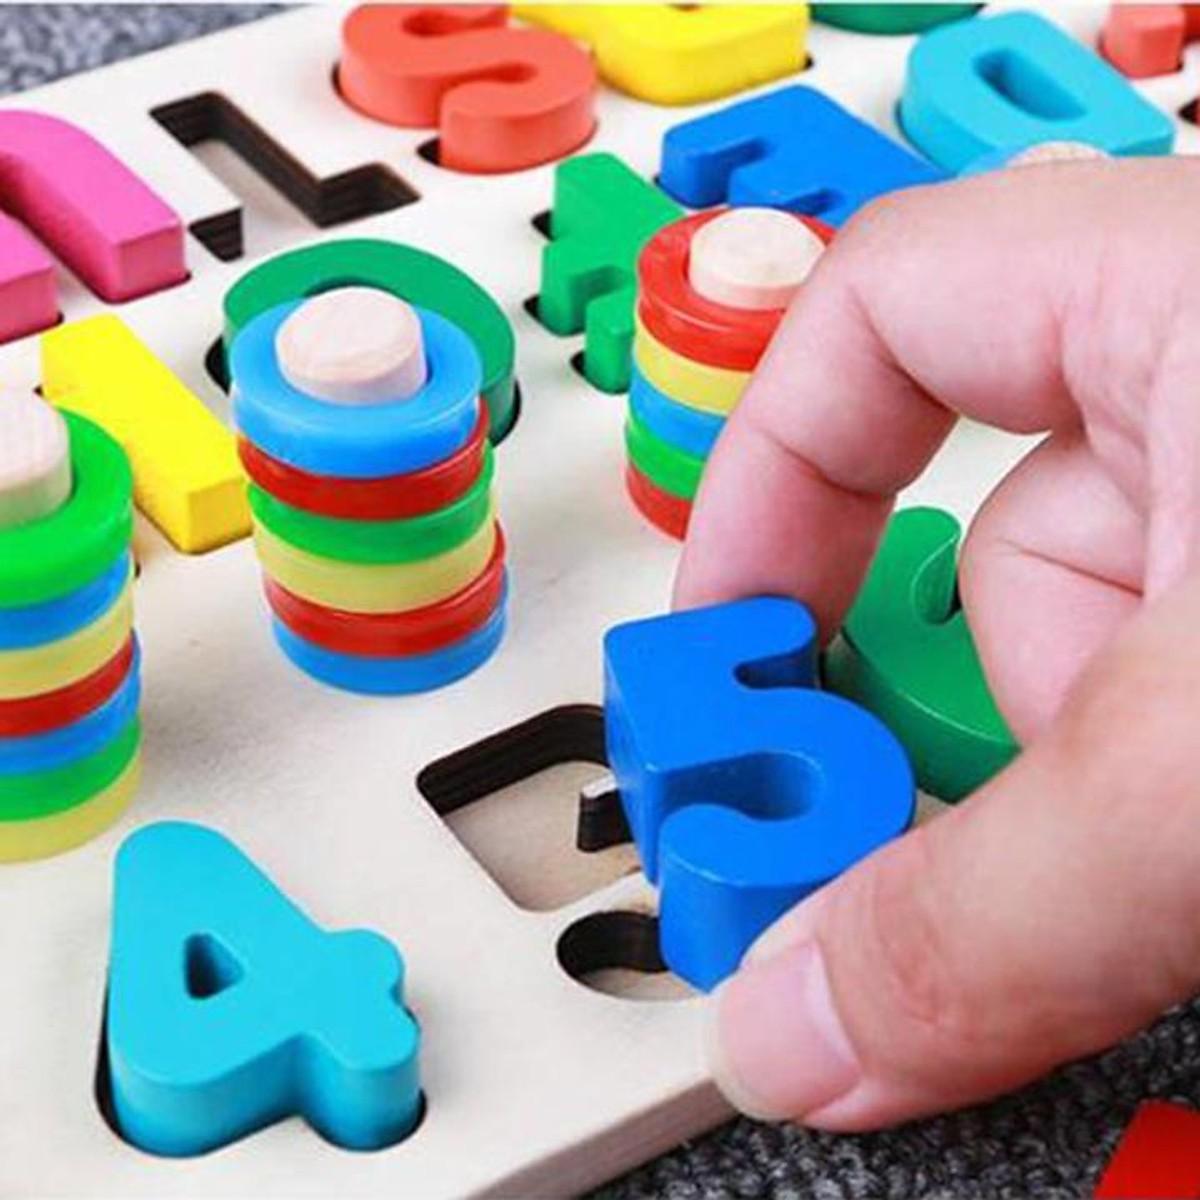 Đồ chơi gỗ cho bé học đếm số, cột tính bậc thang và bảng chữ cái, đồ chơi  giáo dục theo phương pháp...